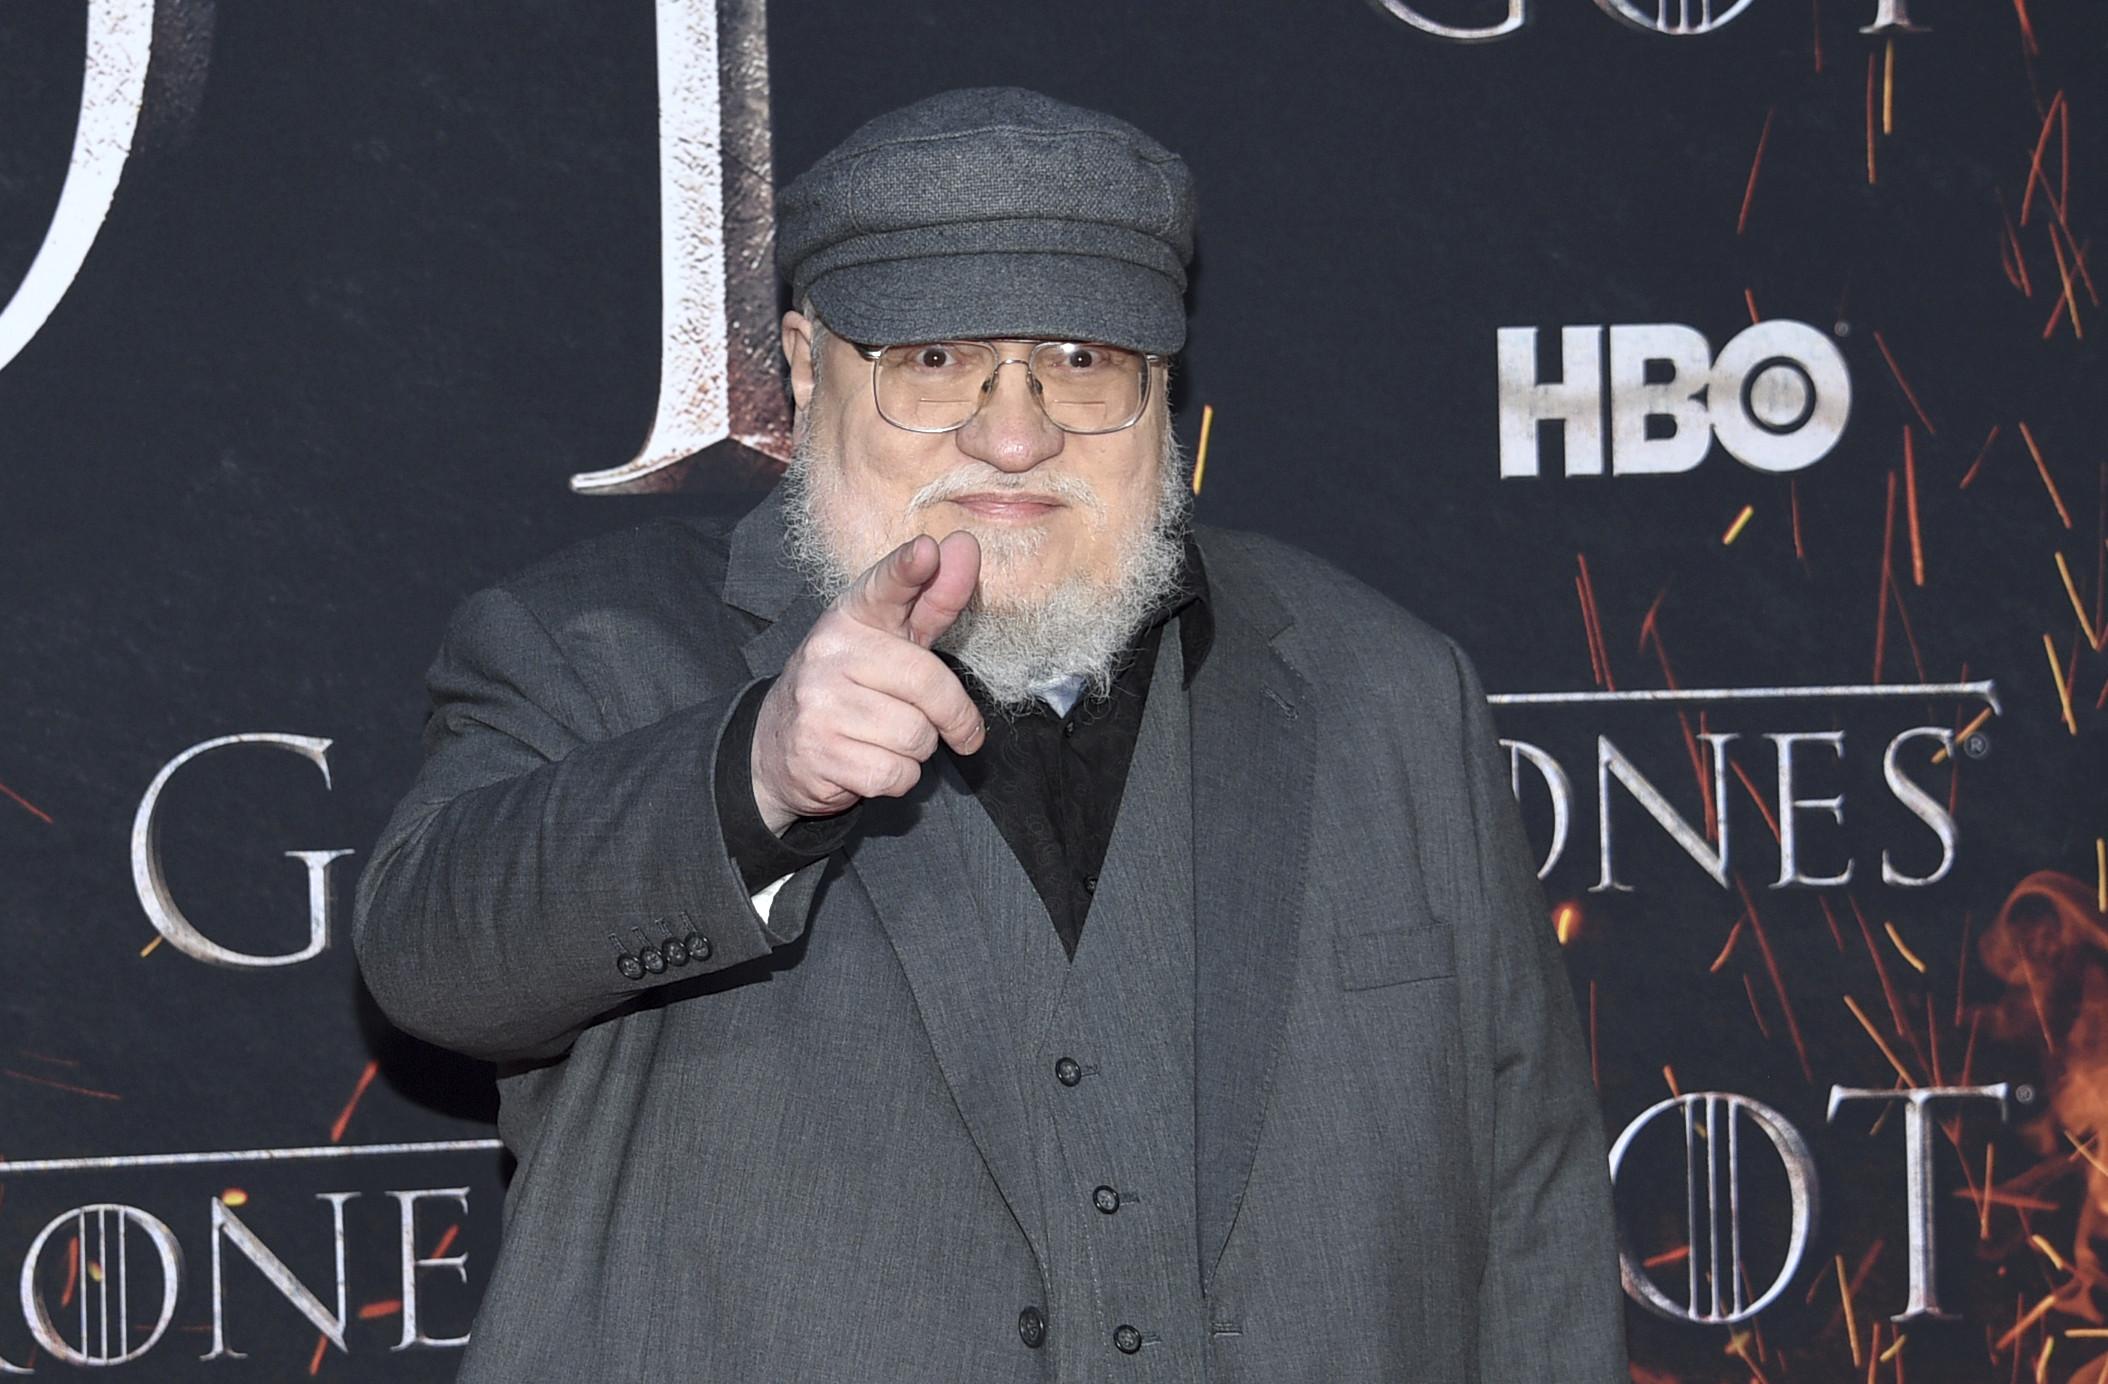 George R.R. Martin, anunț pentru fanii Game of Thrones, privind următoarele romane